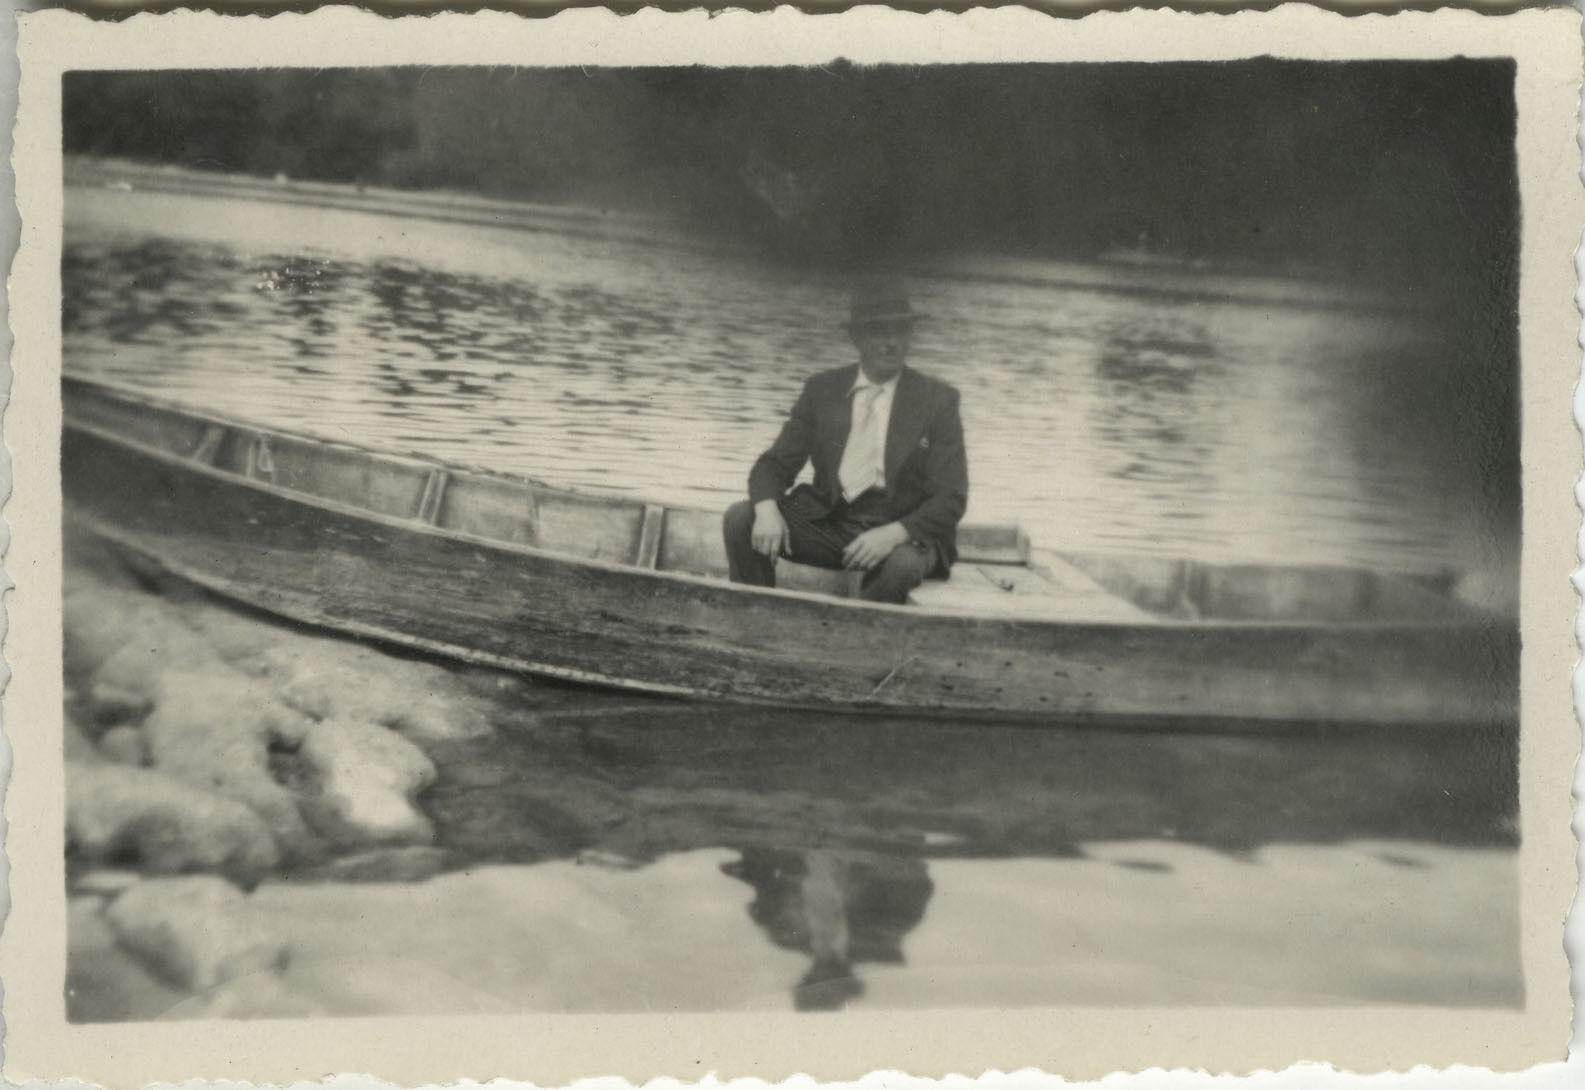 Photo ancienne - vintage snapshot - bateau barque canoË erreur obstruction -boat